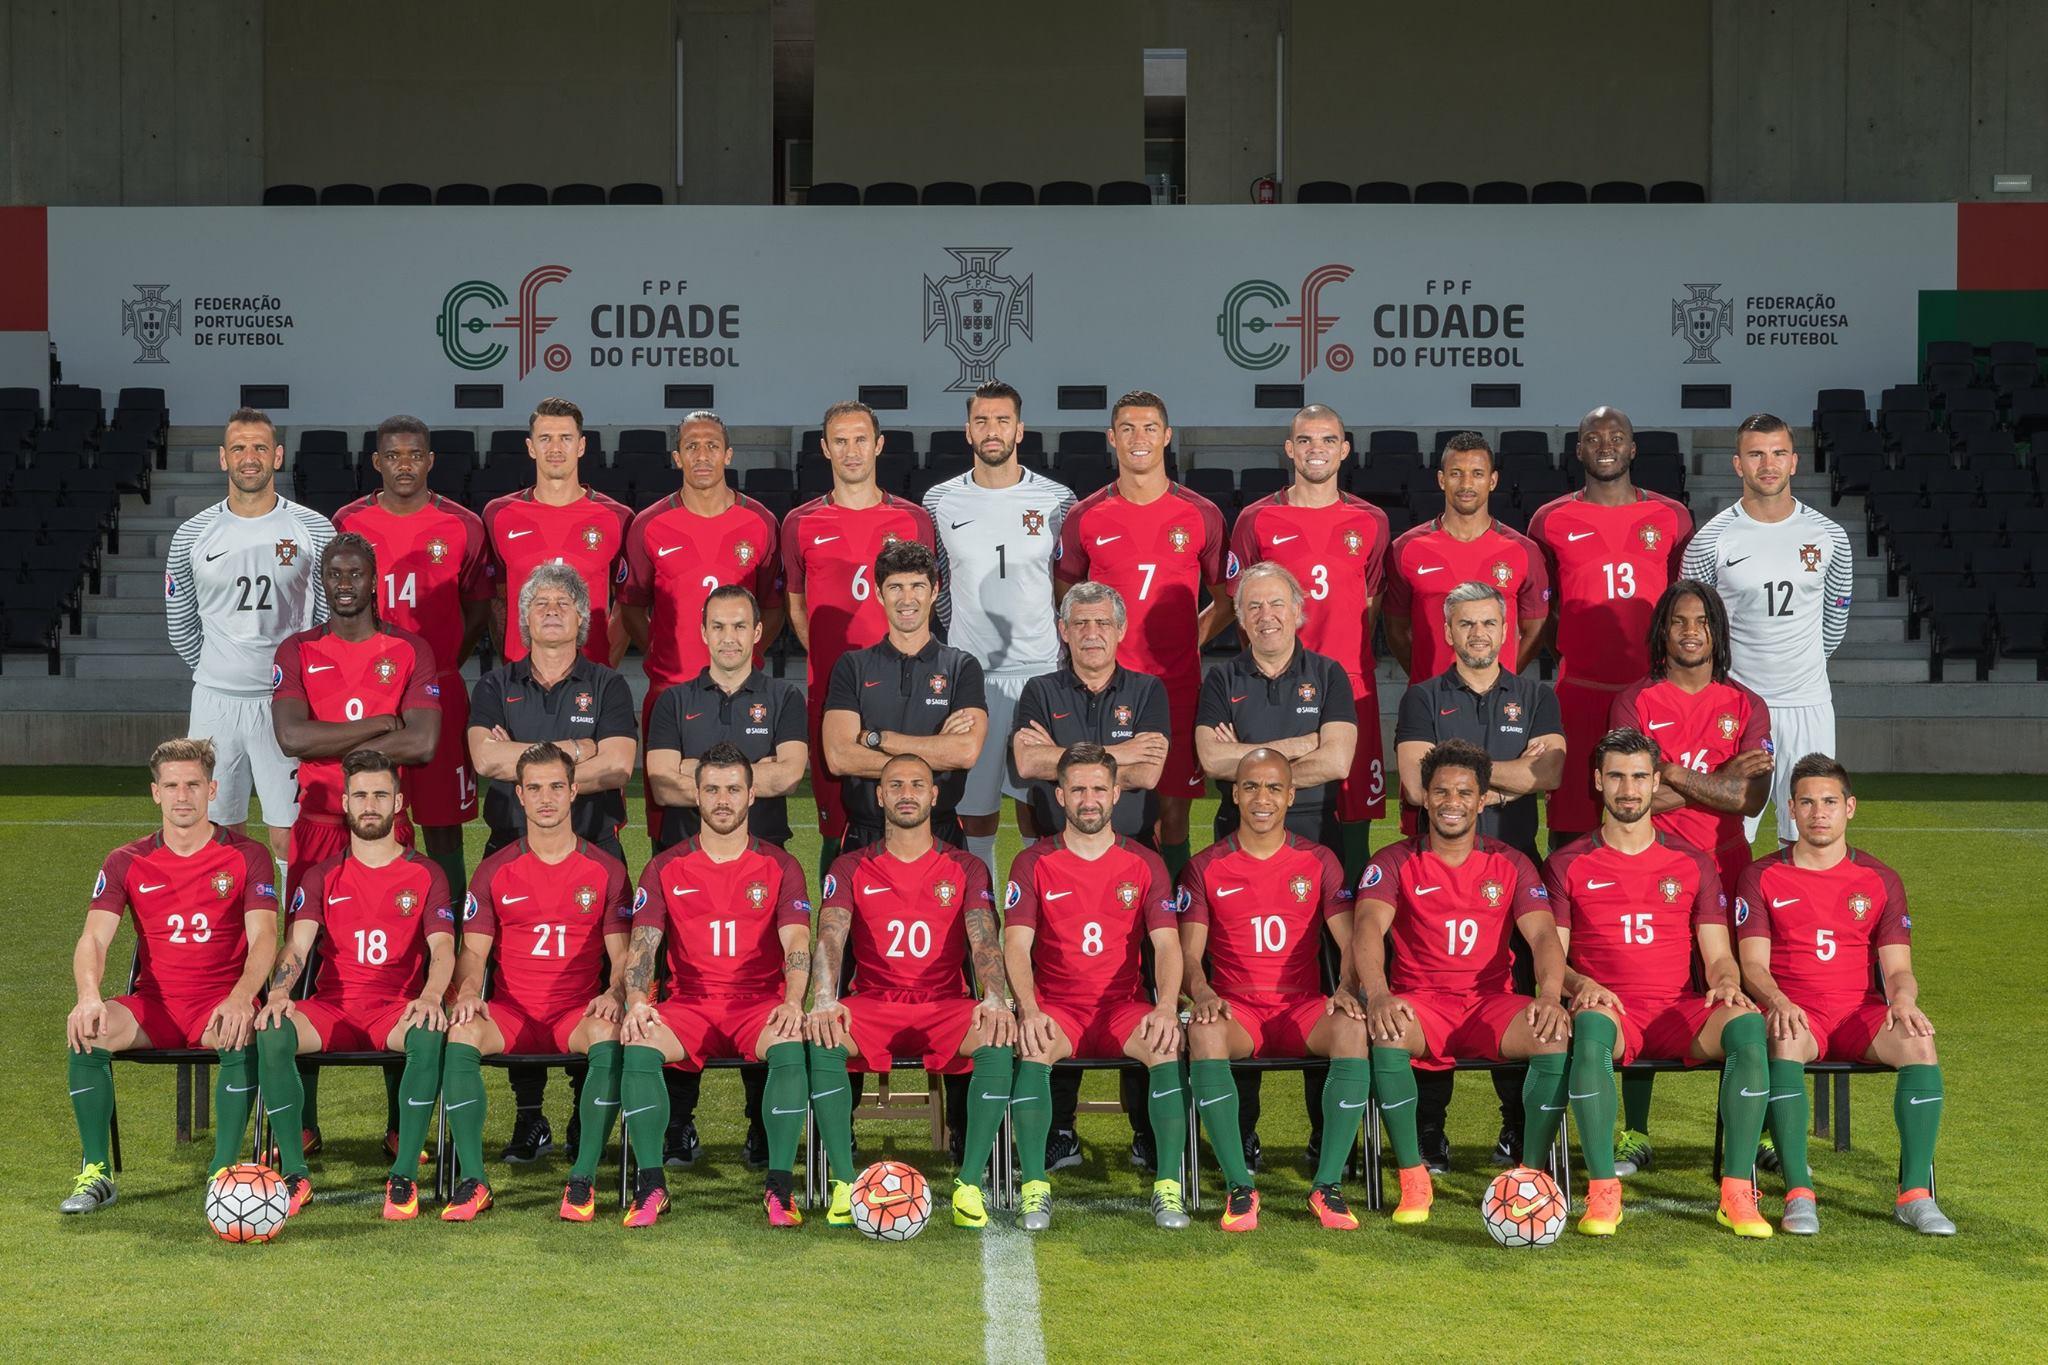 Hilo de la selección de Portugal 13412219_1166148400091385_5069247857813444960_o